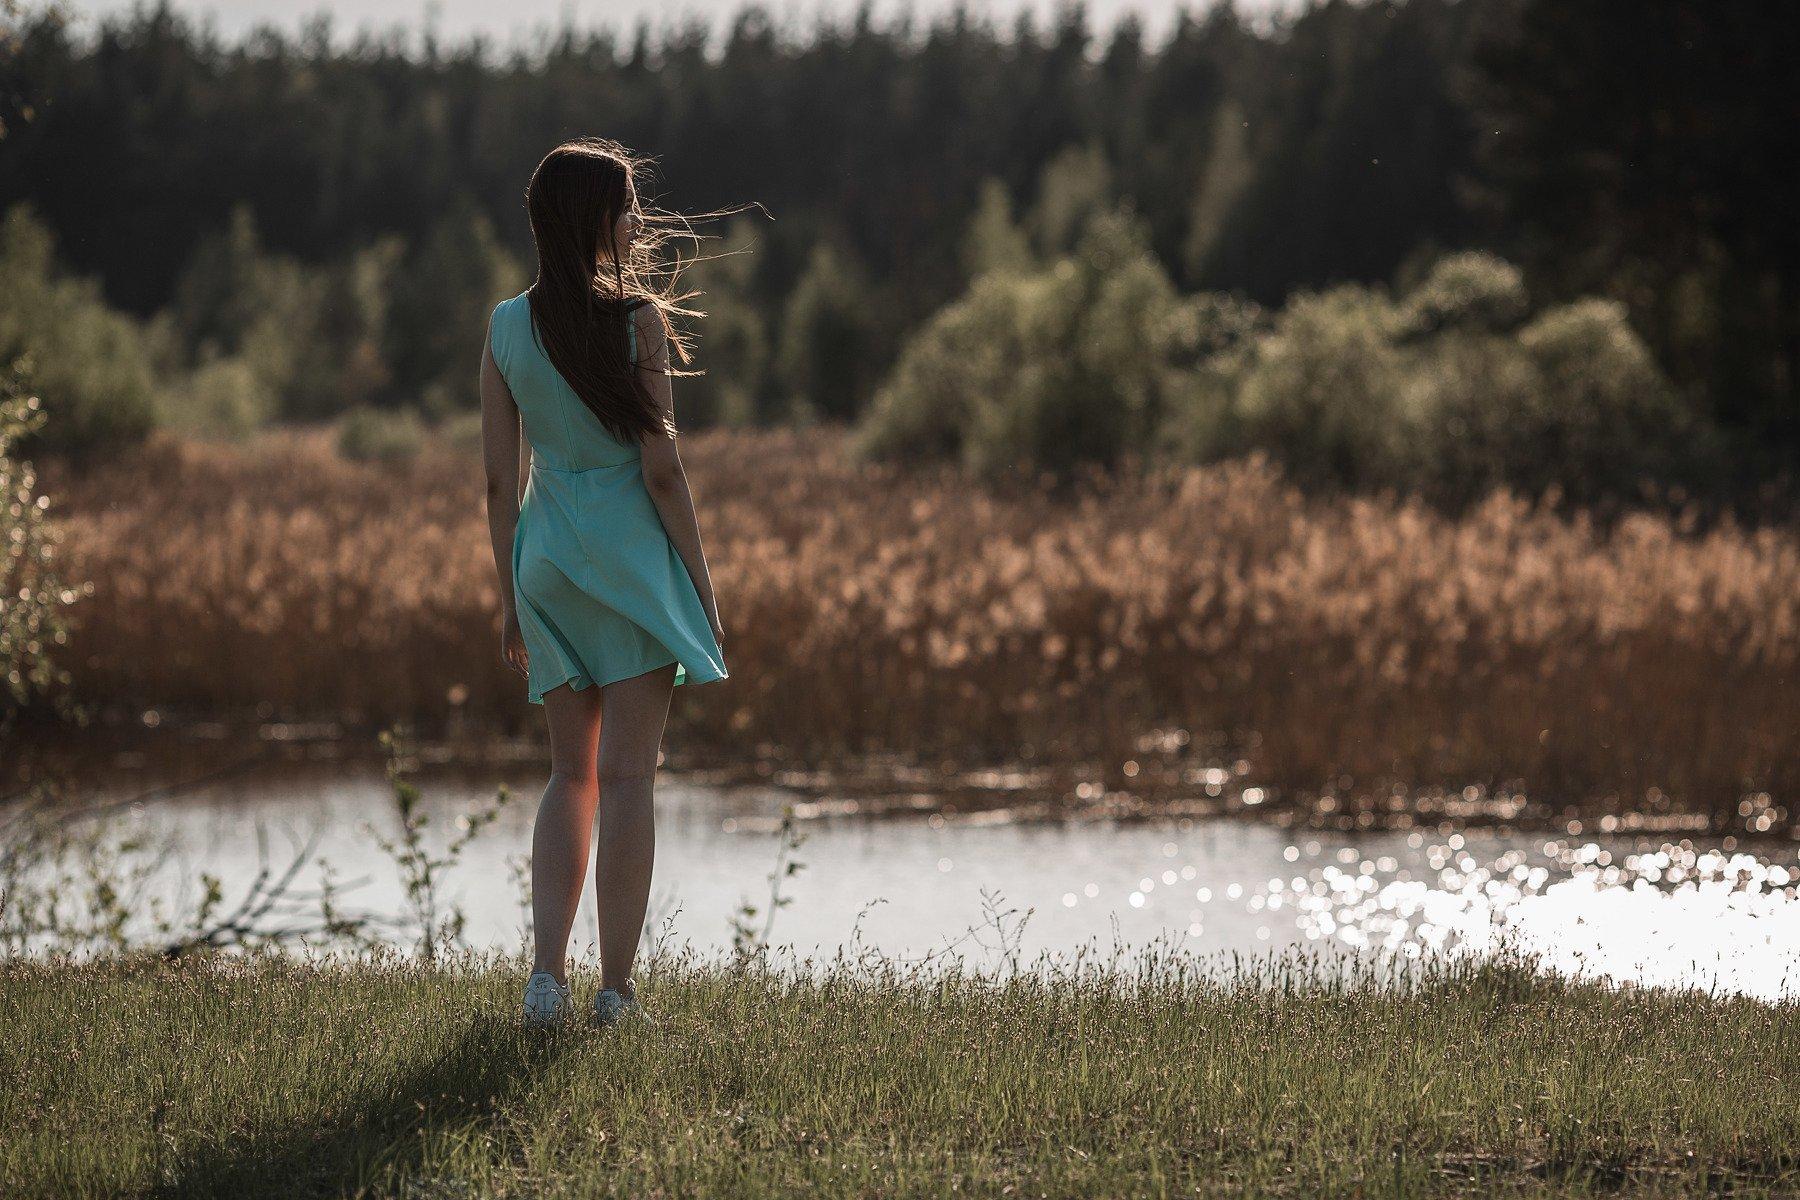 девушка, модель, портрет, фотосессия, природа, весна, день, ветер, солнце, girl, model, portrait, photo, nature, day, spring, wind, sun, Васильев Владимир